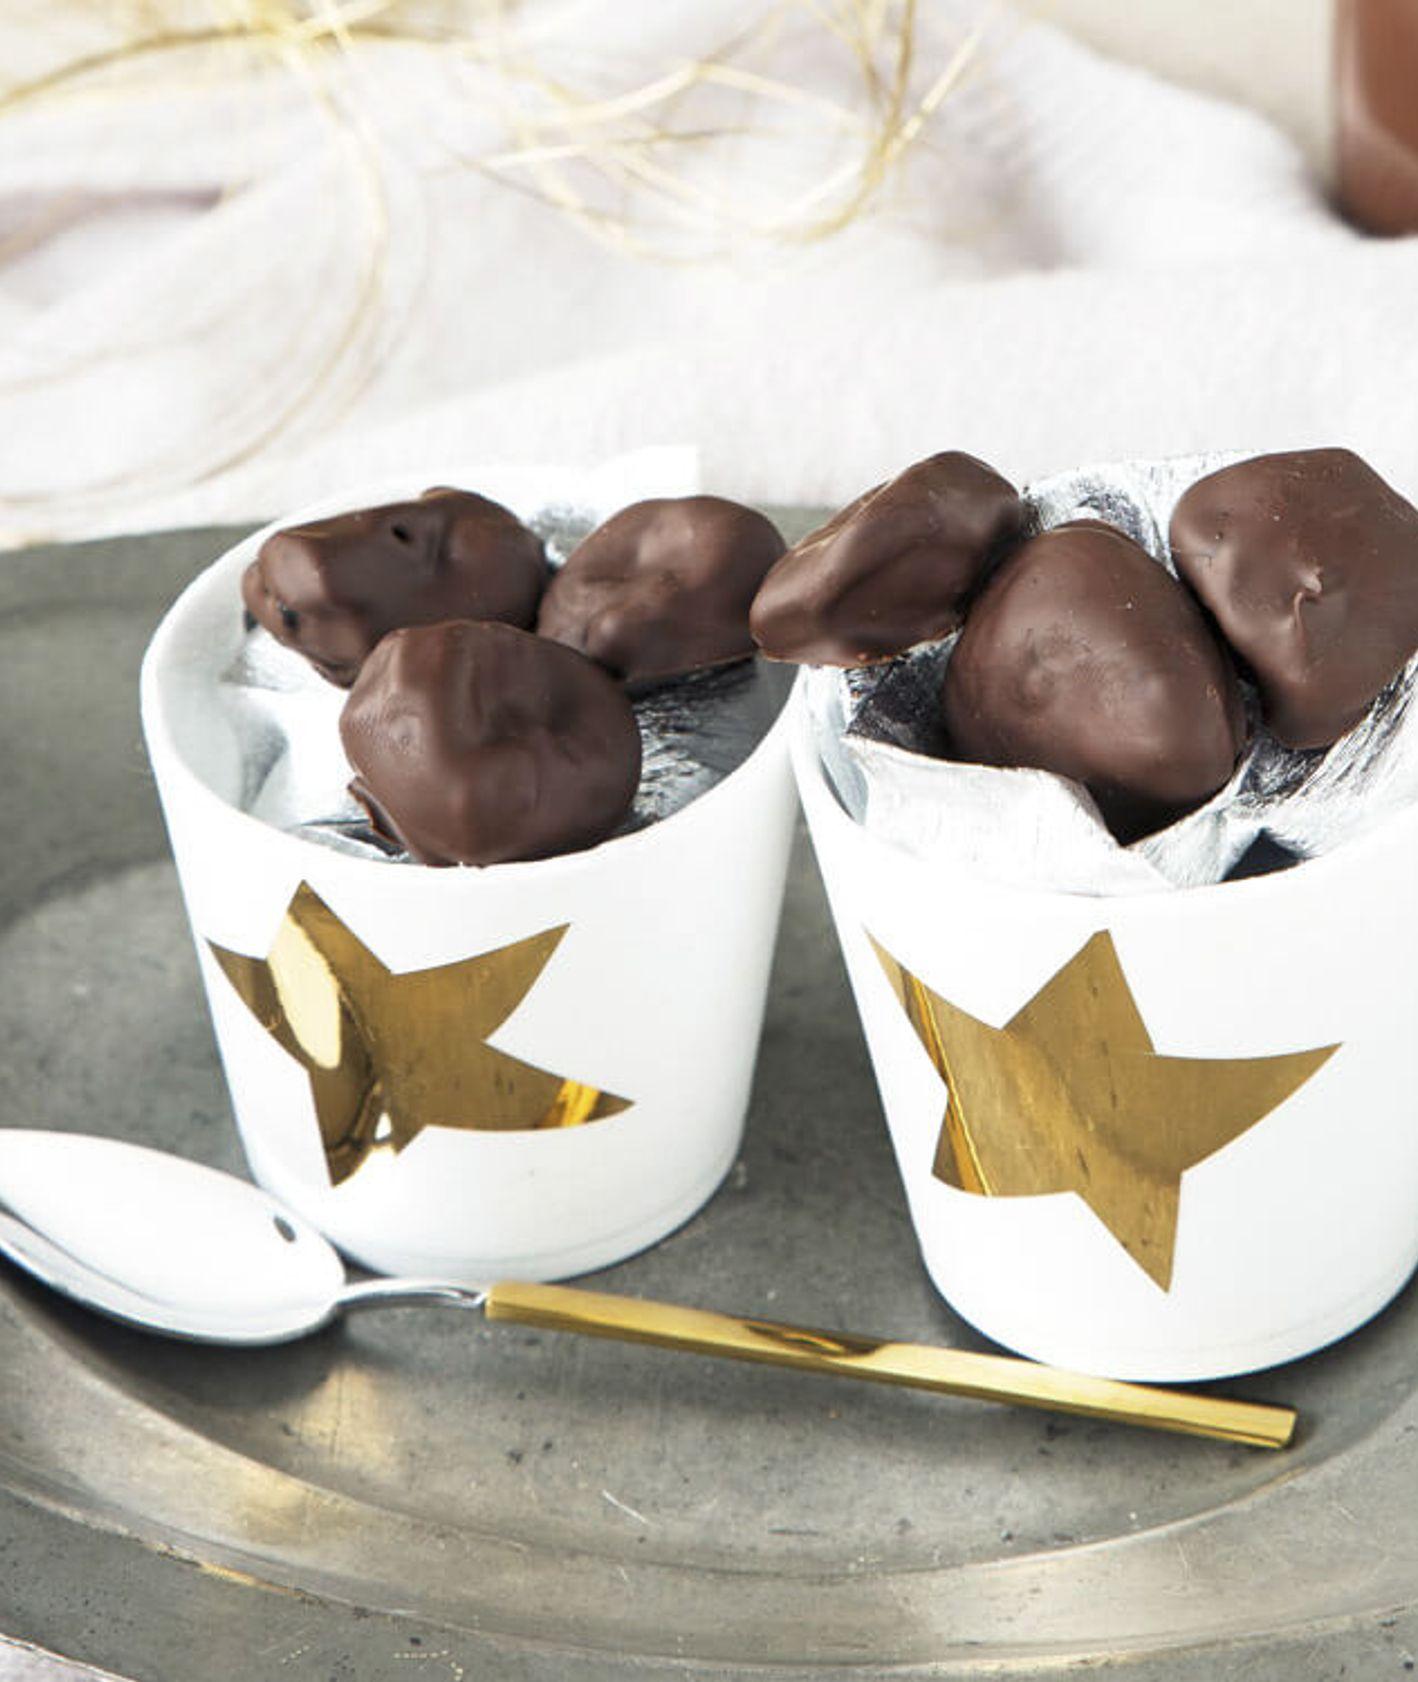 Czekoladki – Laurki z cukru (fot. Zuza Rożek)